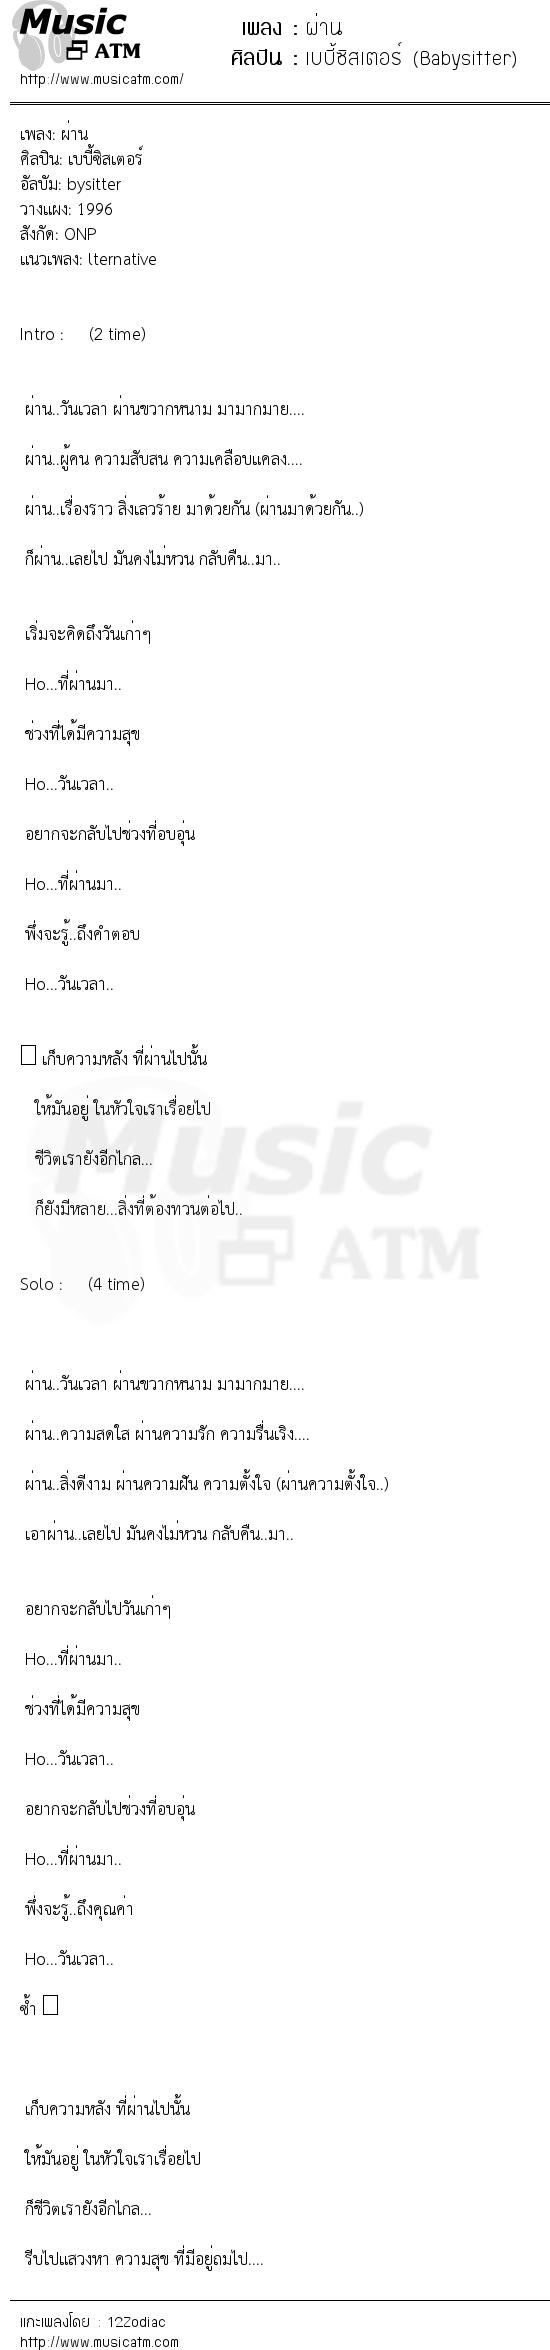 เนื้อเพลง ผ่าน - เบบี้ซิสเตอร์ (Babysitter)   เพลงไทย